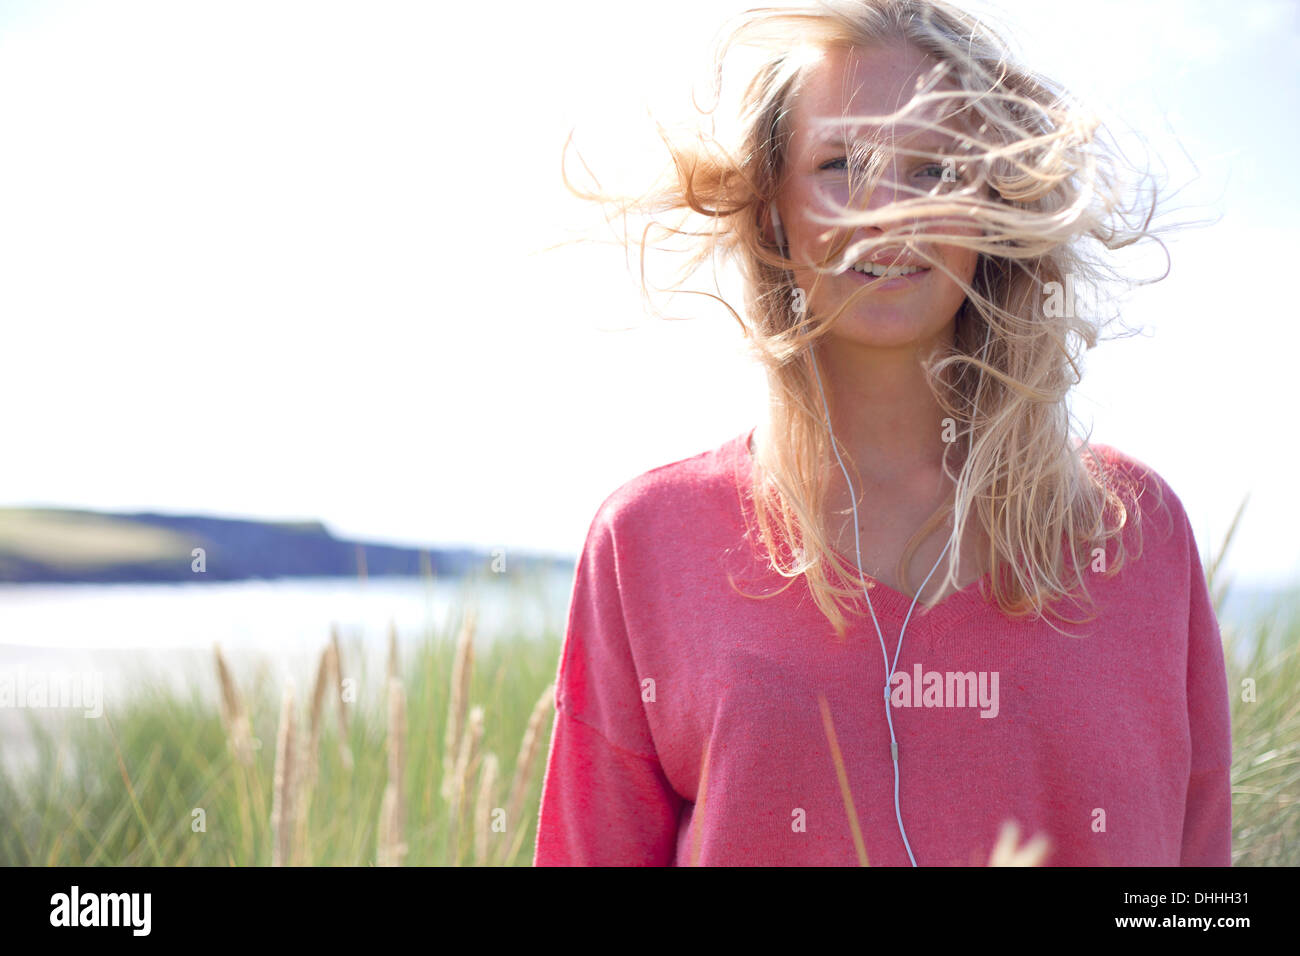 Ritratto di donna con disordinati capelli biondi, Wales, Regno Unito Immagini Stock